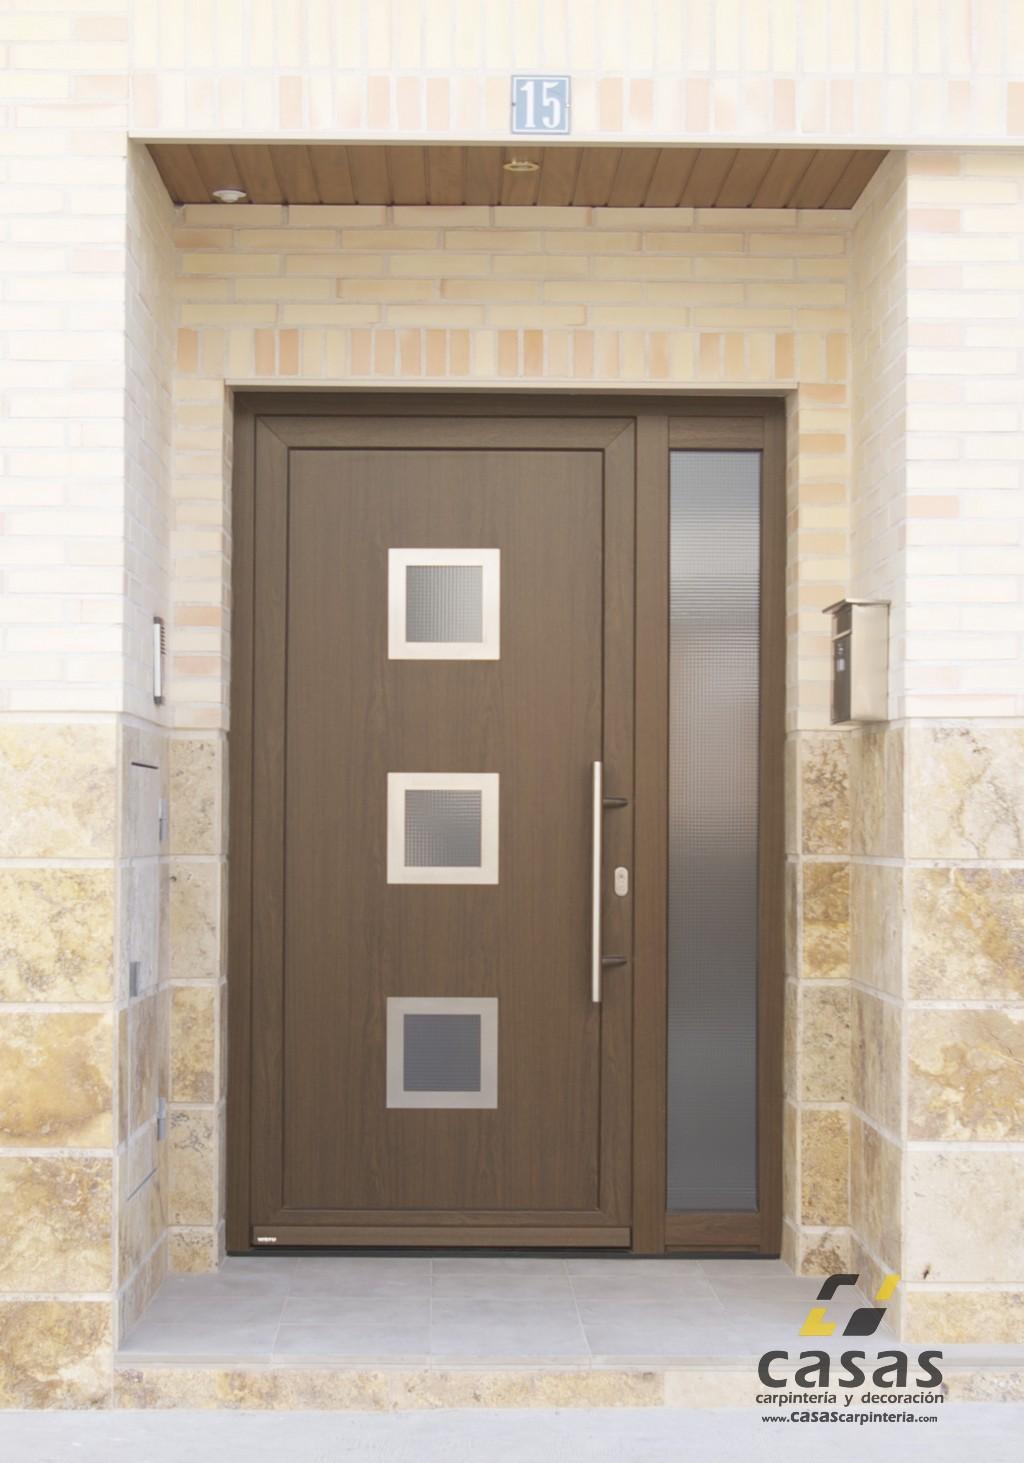 Puertas para casa exterior good great puertas cerrajeria - Puertas de casa ...